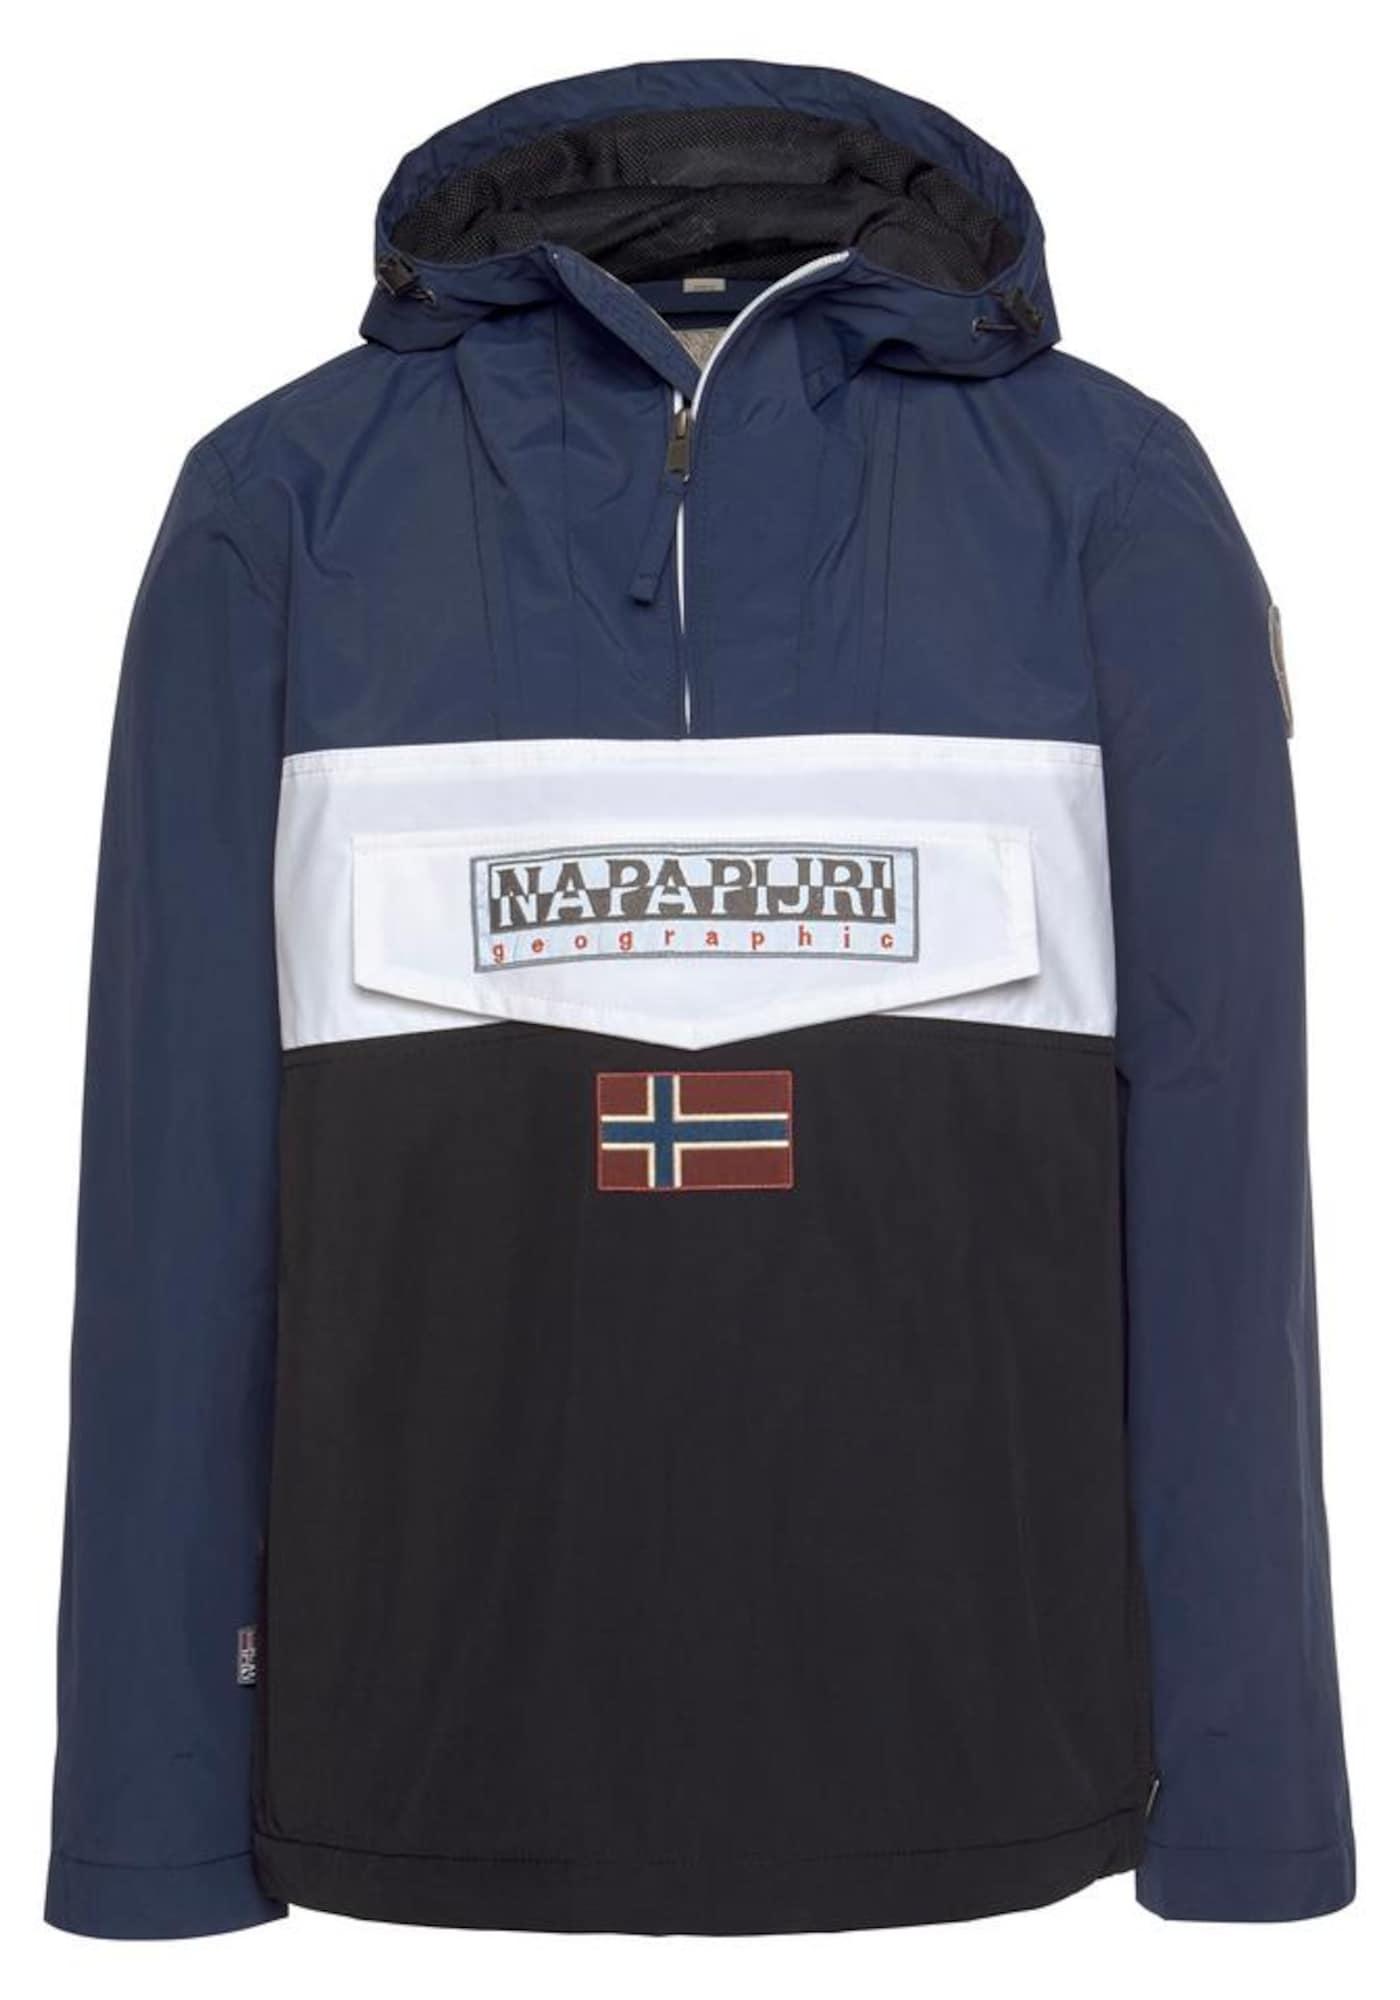 NAPAPIJRI Přechodná bunda 'Rainforest'  černá / námořnická modř / bílá